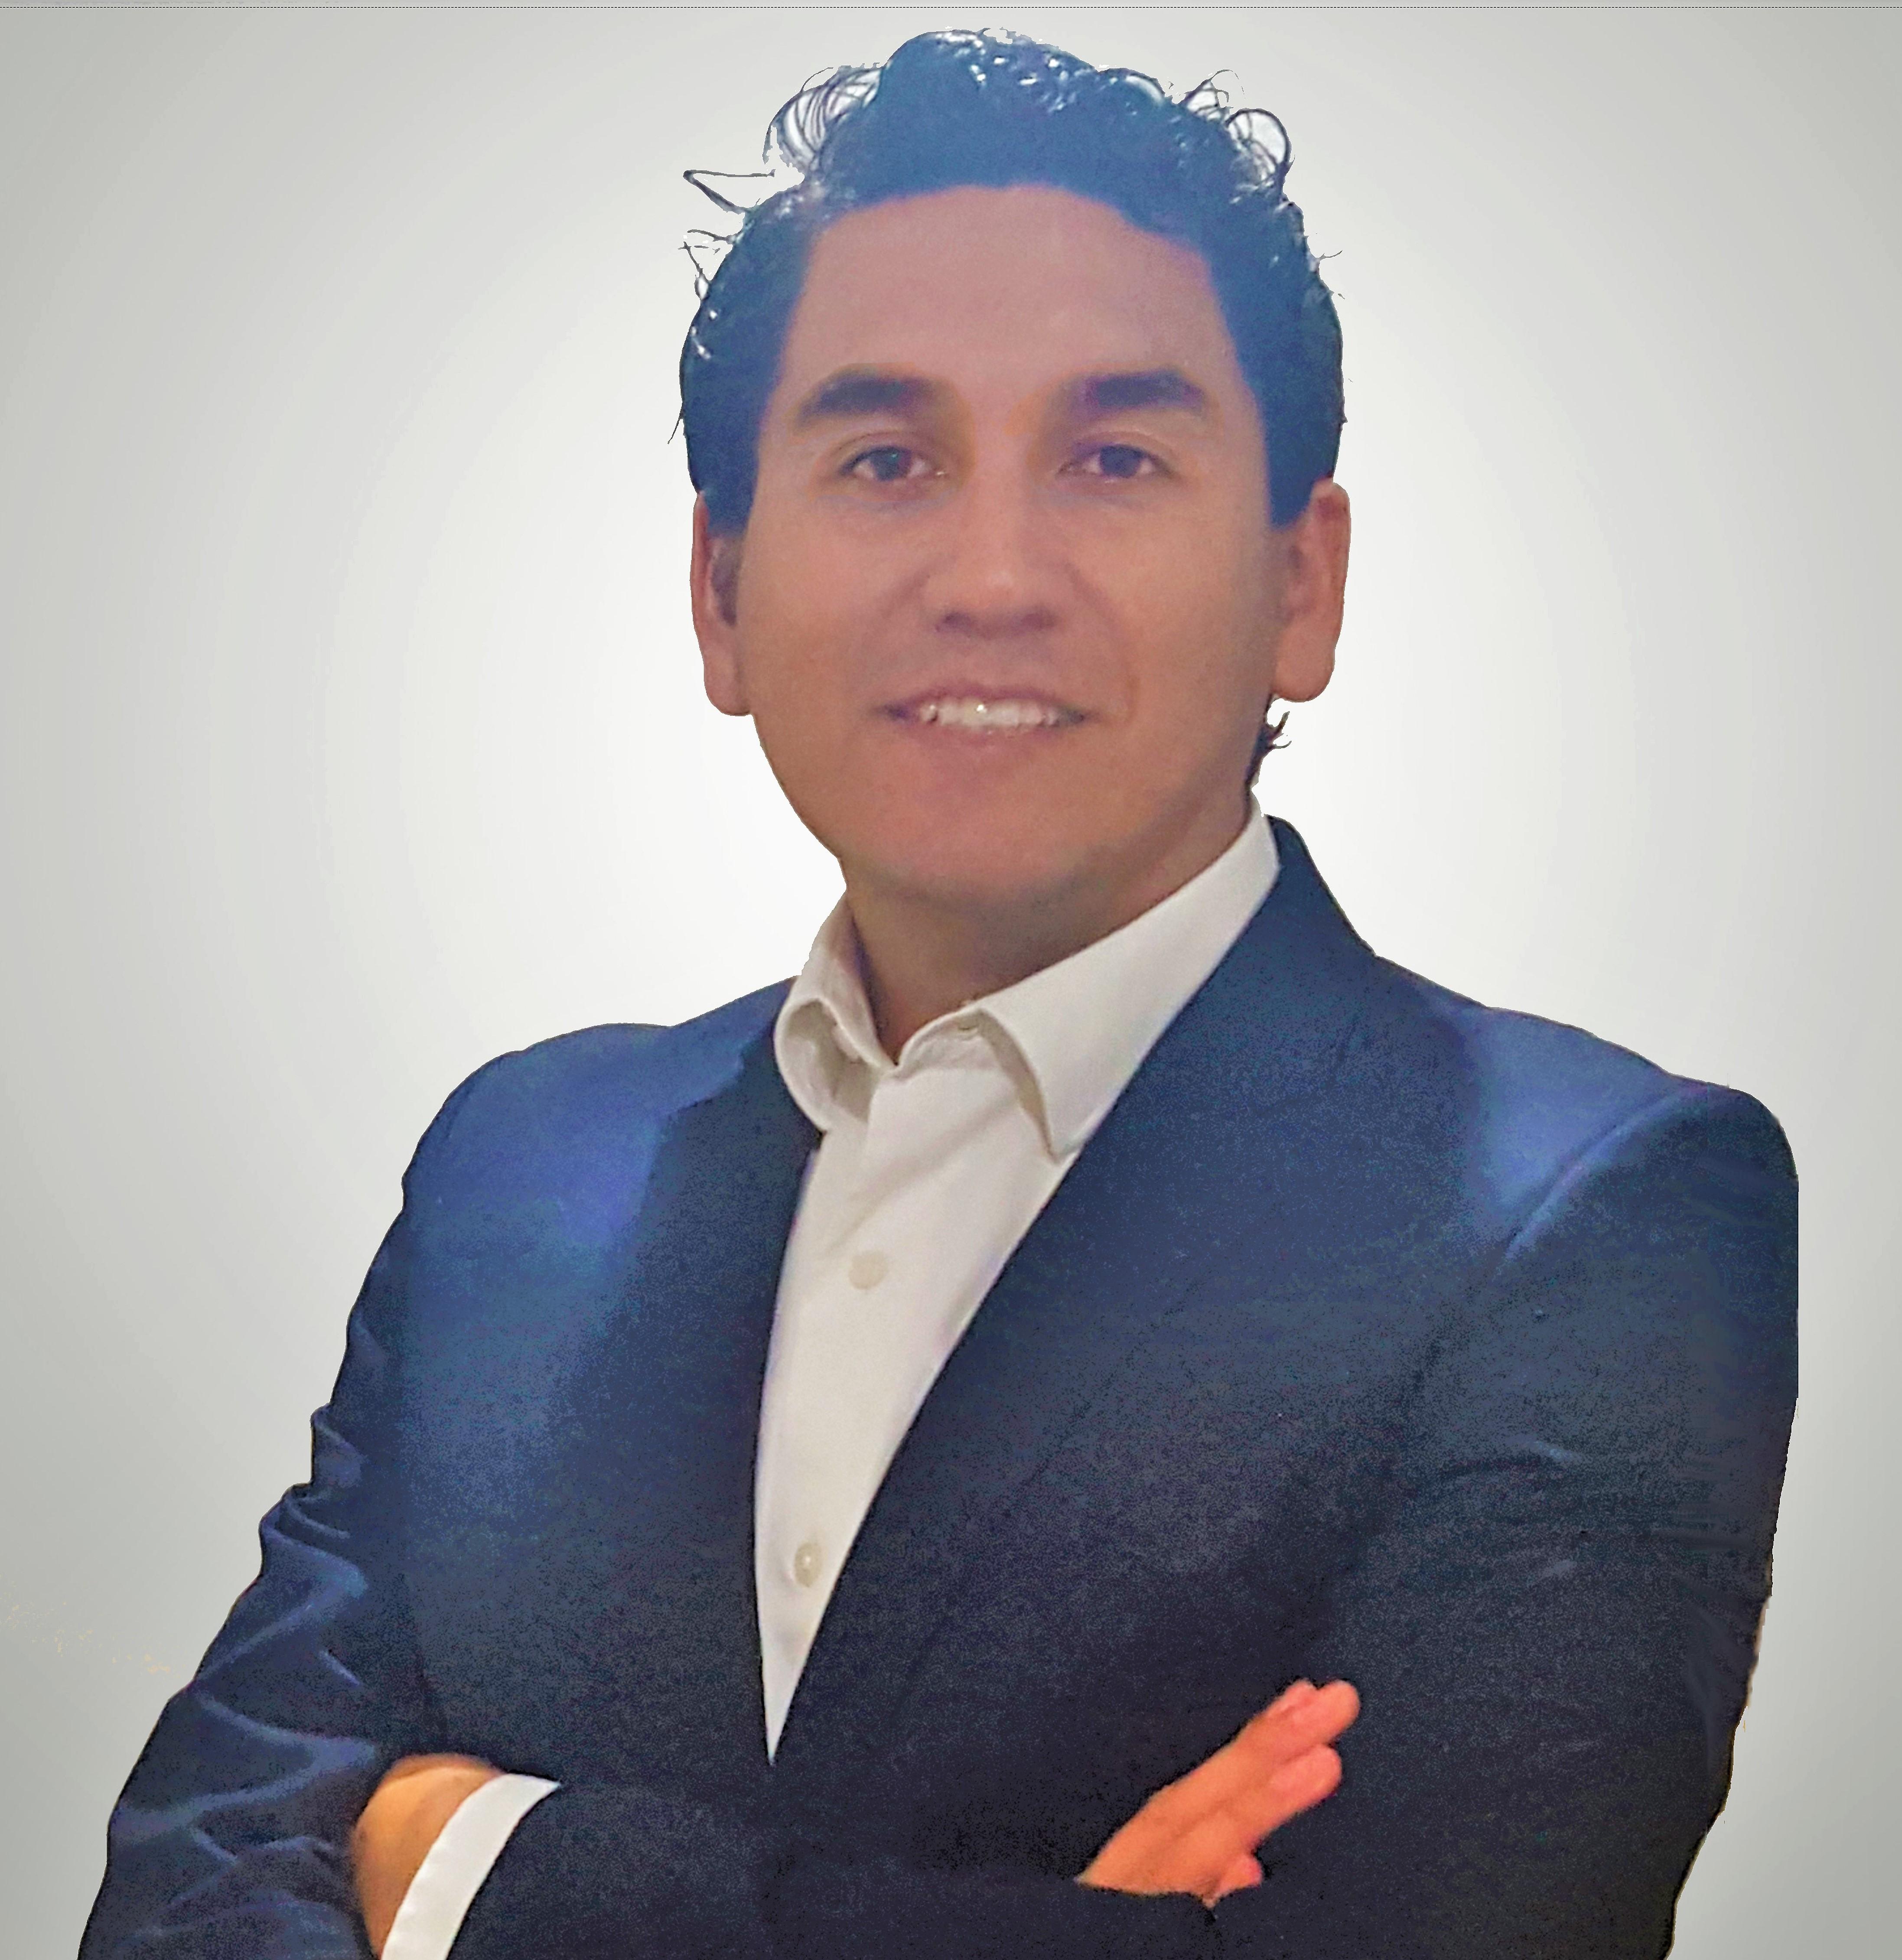 Gianmarco Mello Loayza